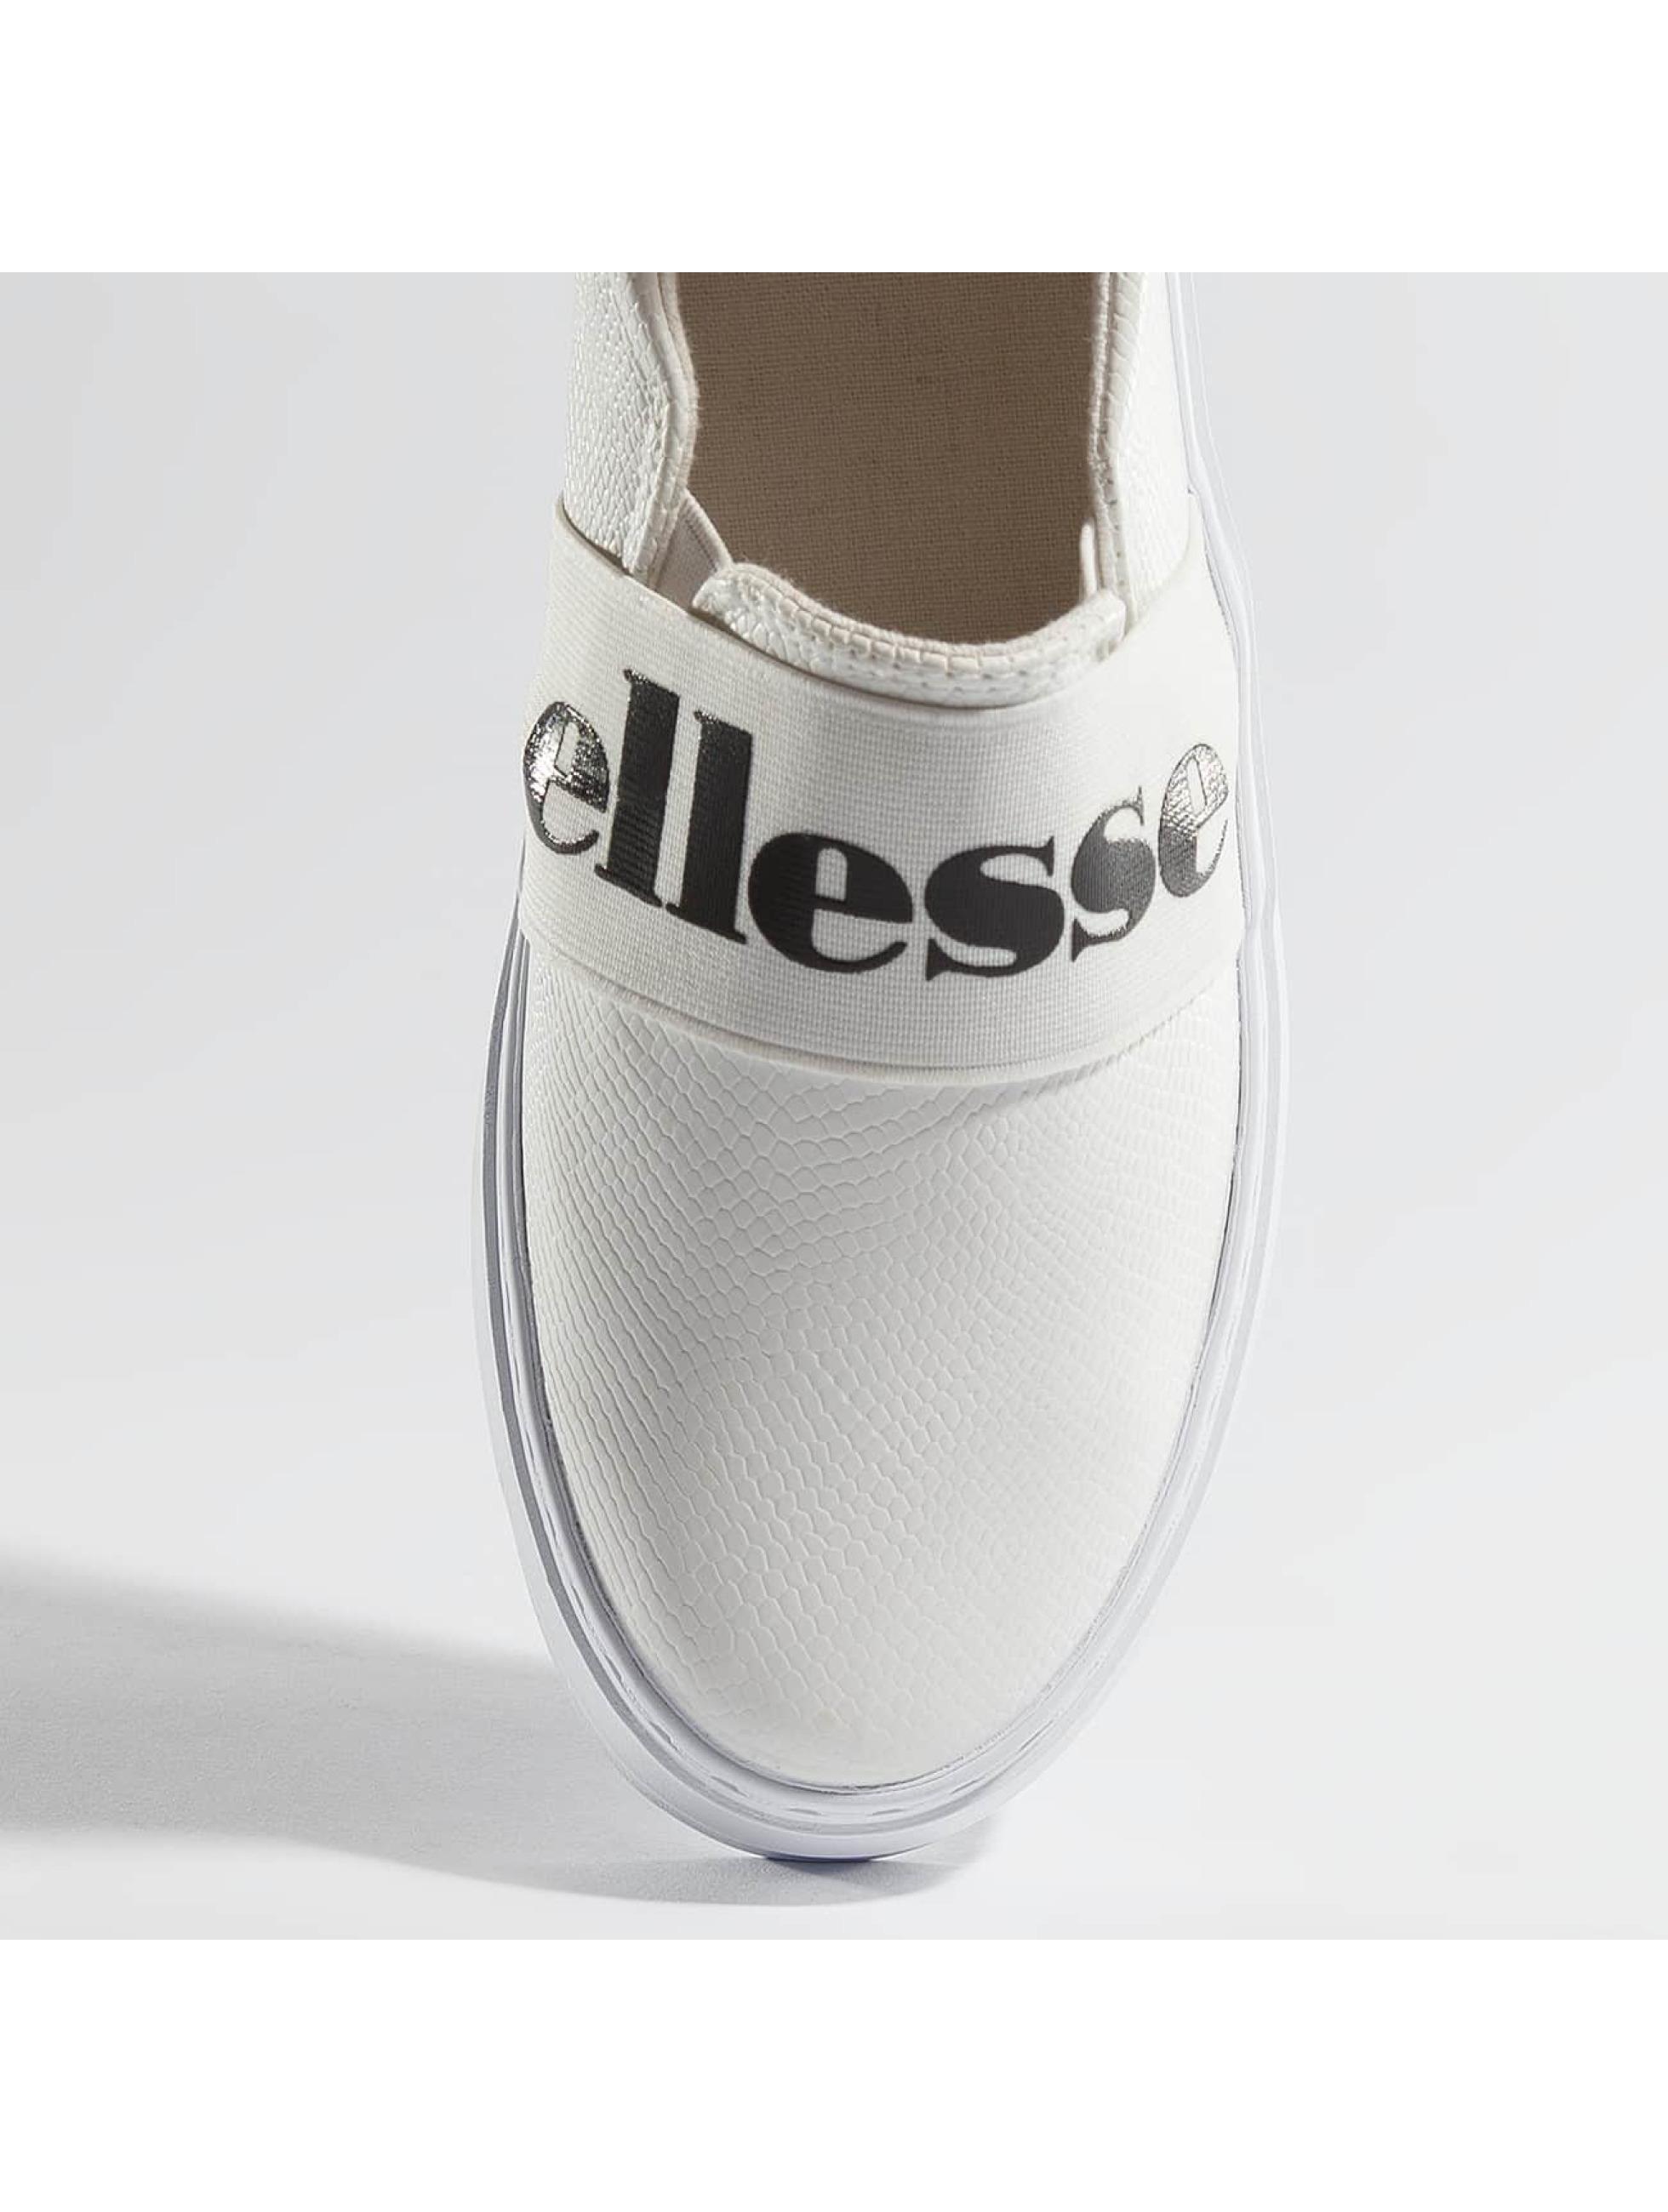 Ellesse Sneakers Heritage Panforte Vulcanised white